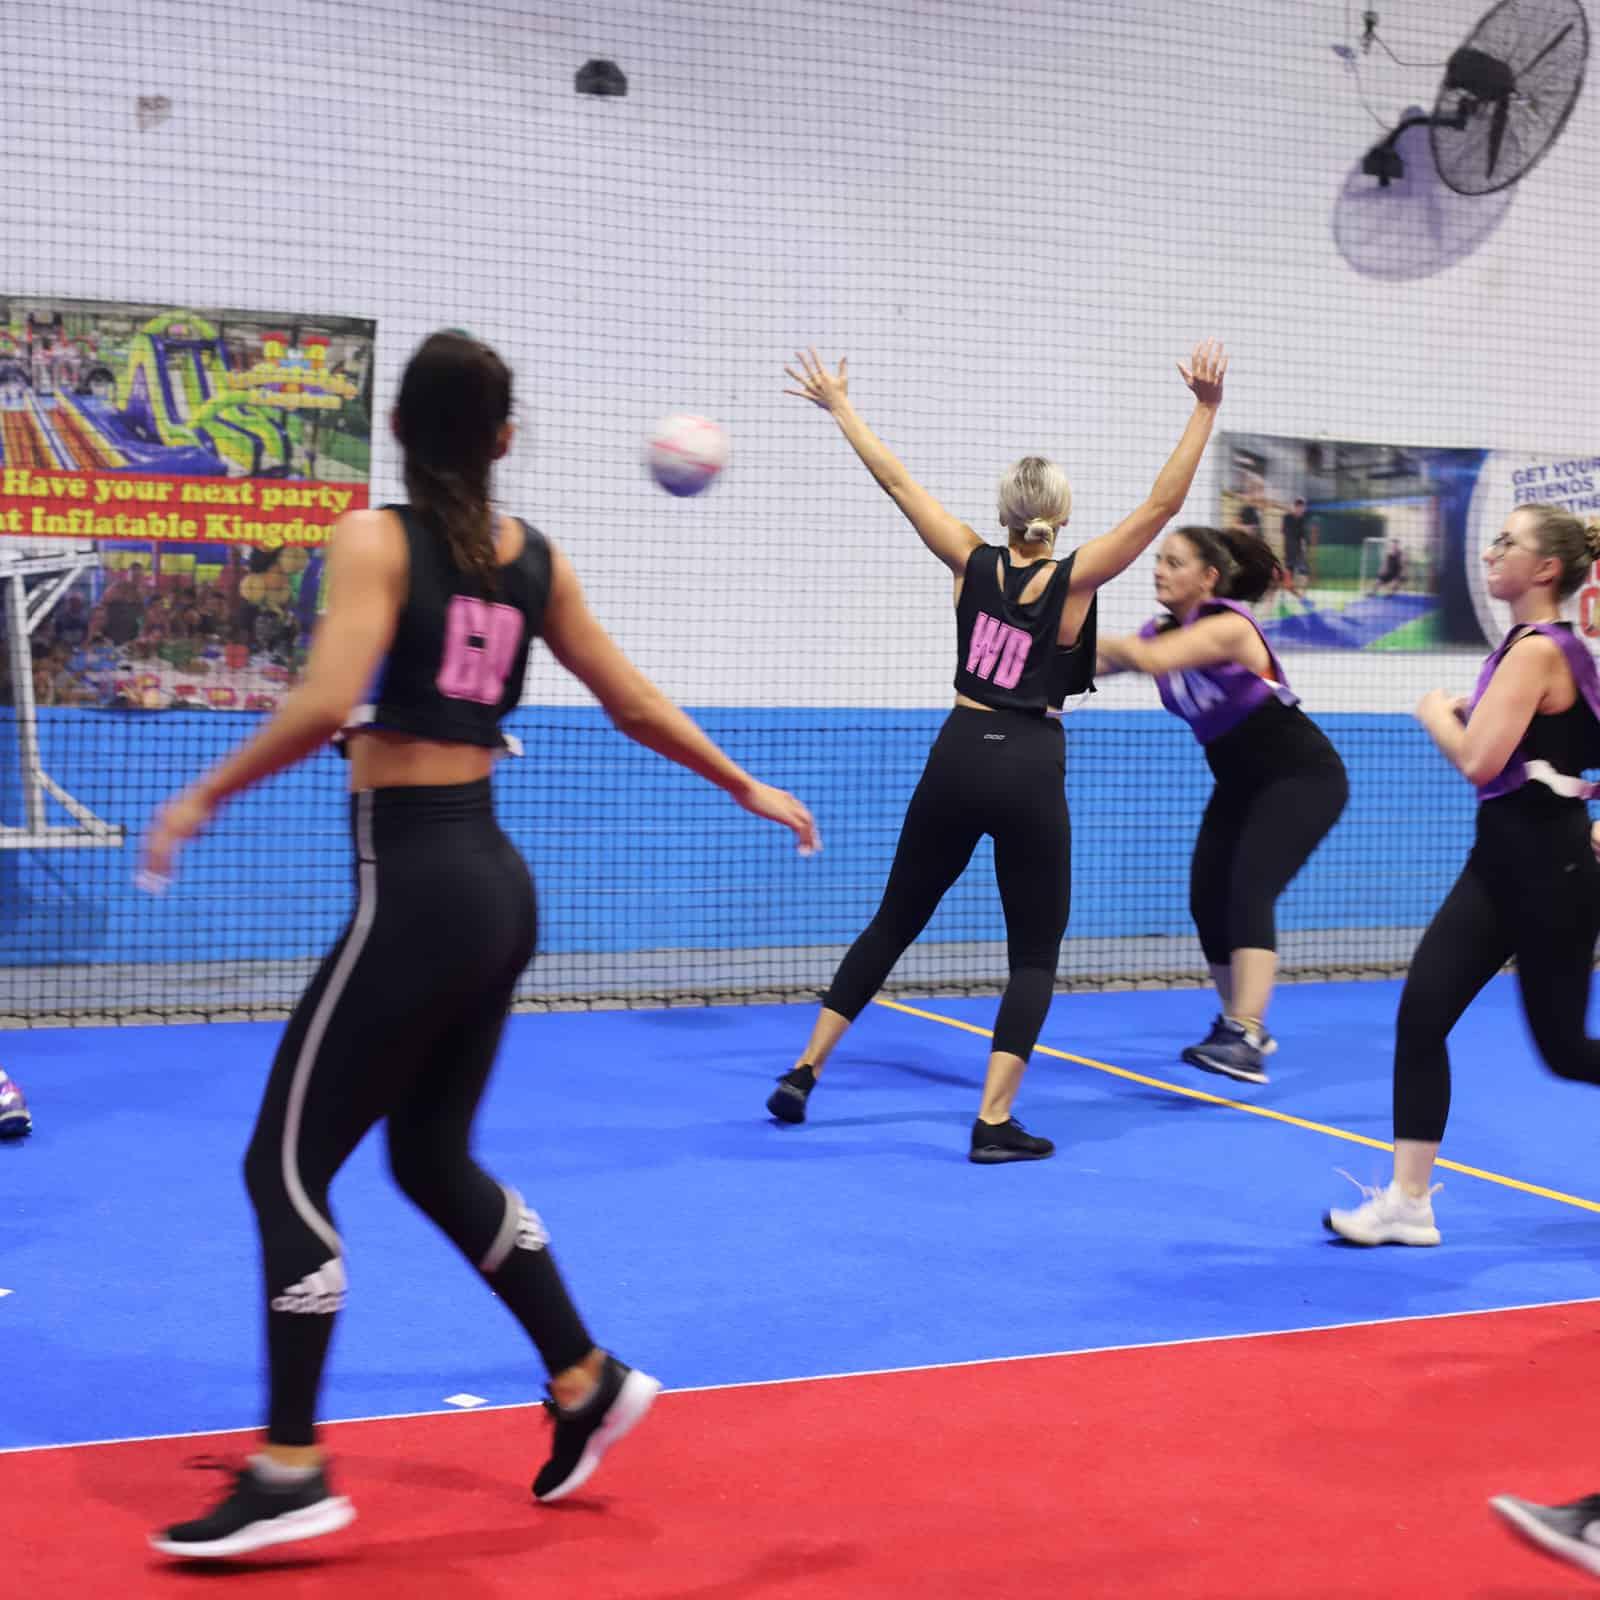 Cairns Indoor Sports - Do It Indoors